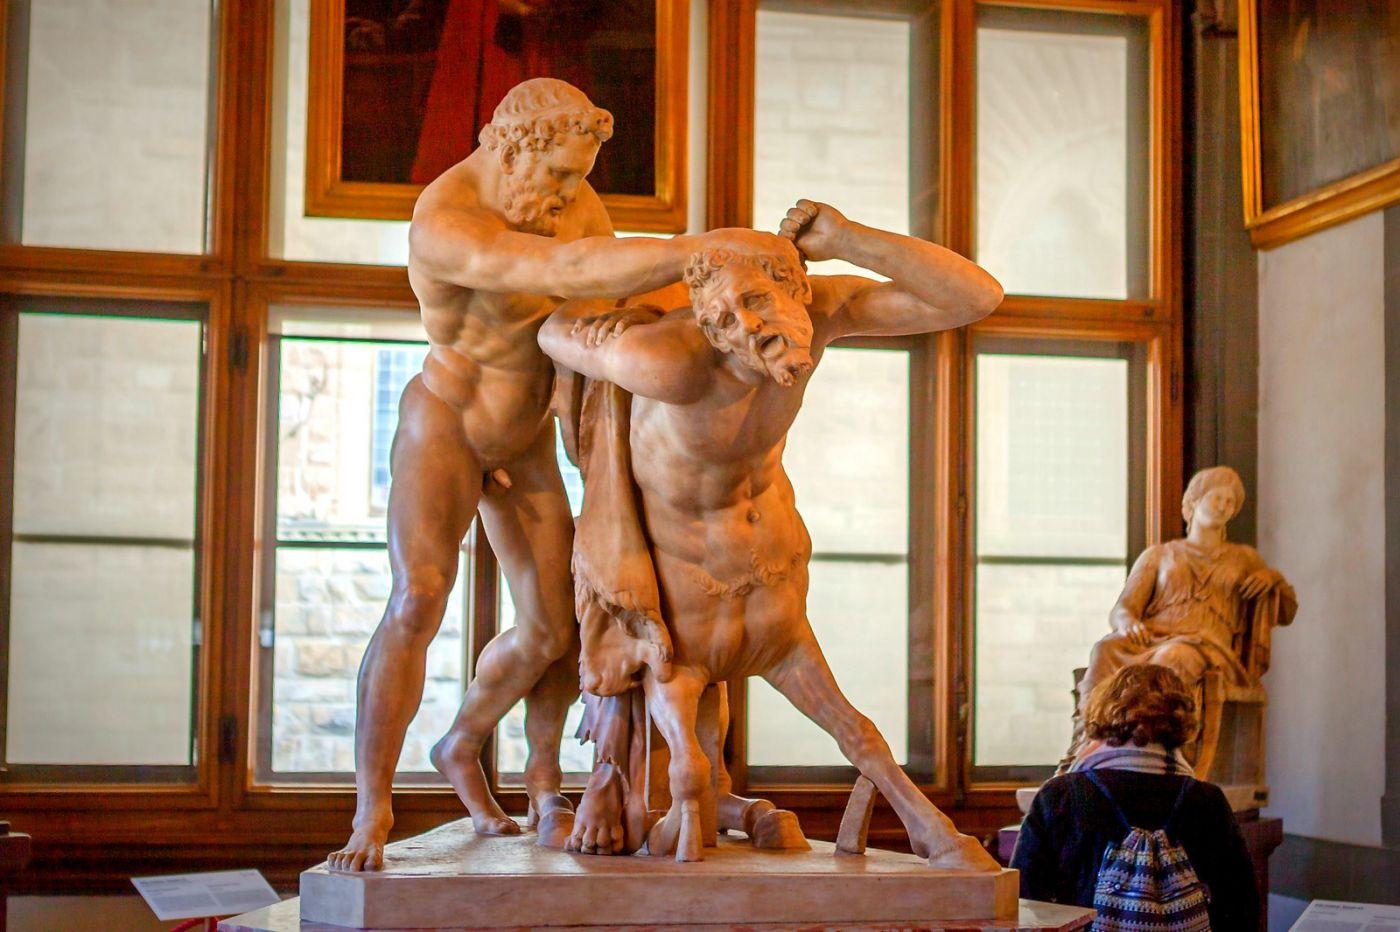 意大利佛罗伦斯乌菲兹美术馆, 目睹藏品_图1-29